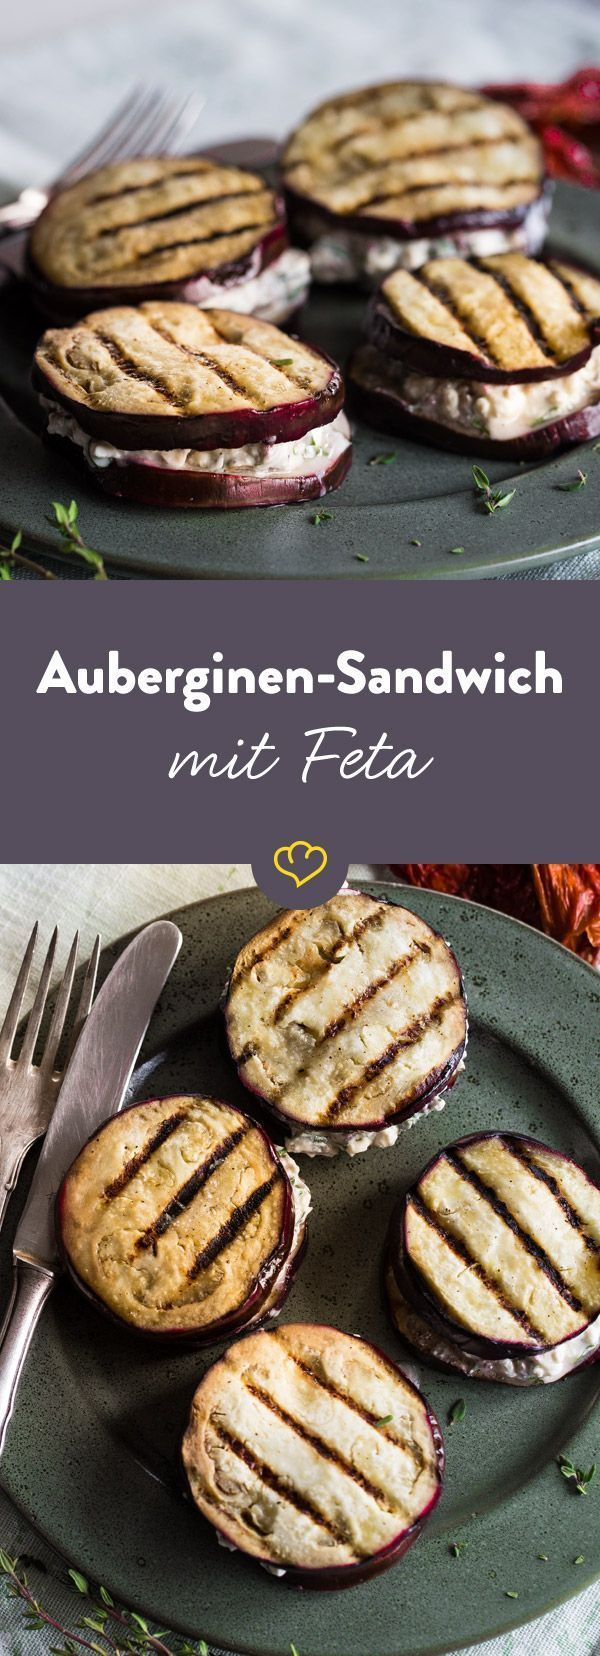 Auberginen-Sandwich mit Oliven-Feta-Creme #fastrecipes